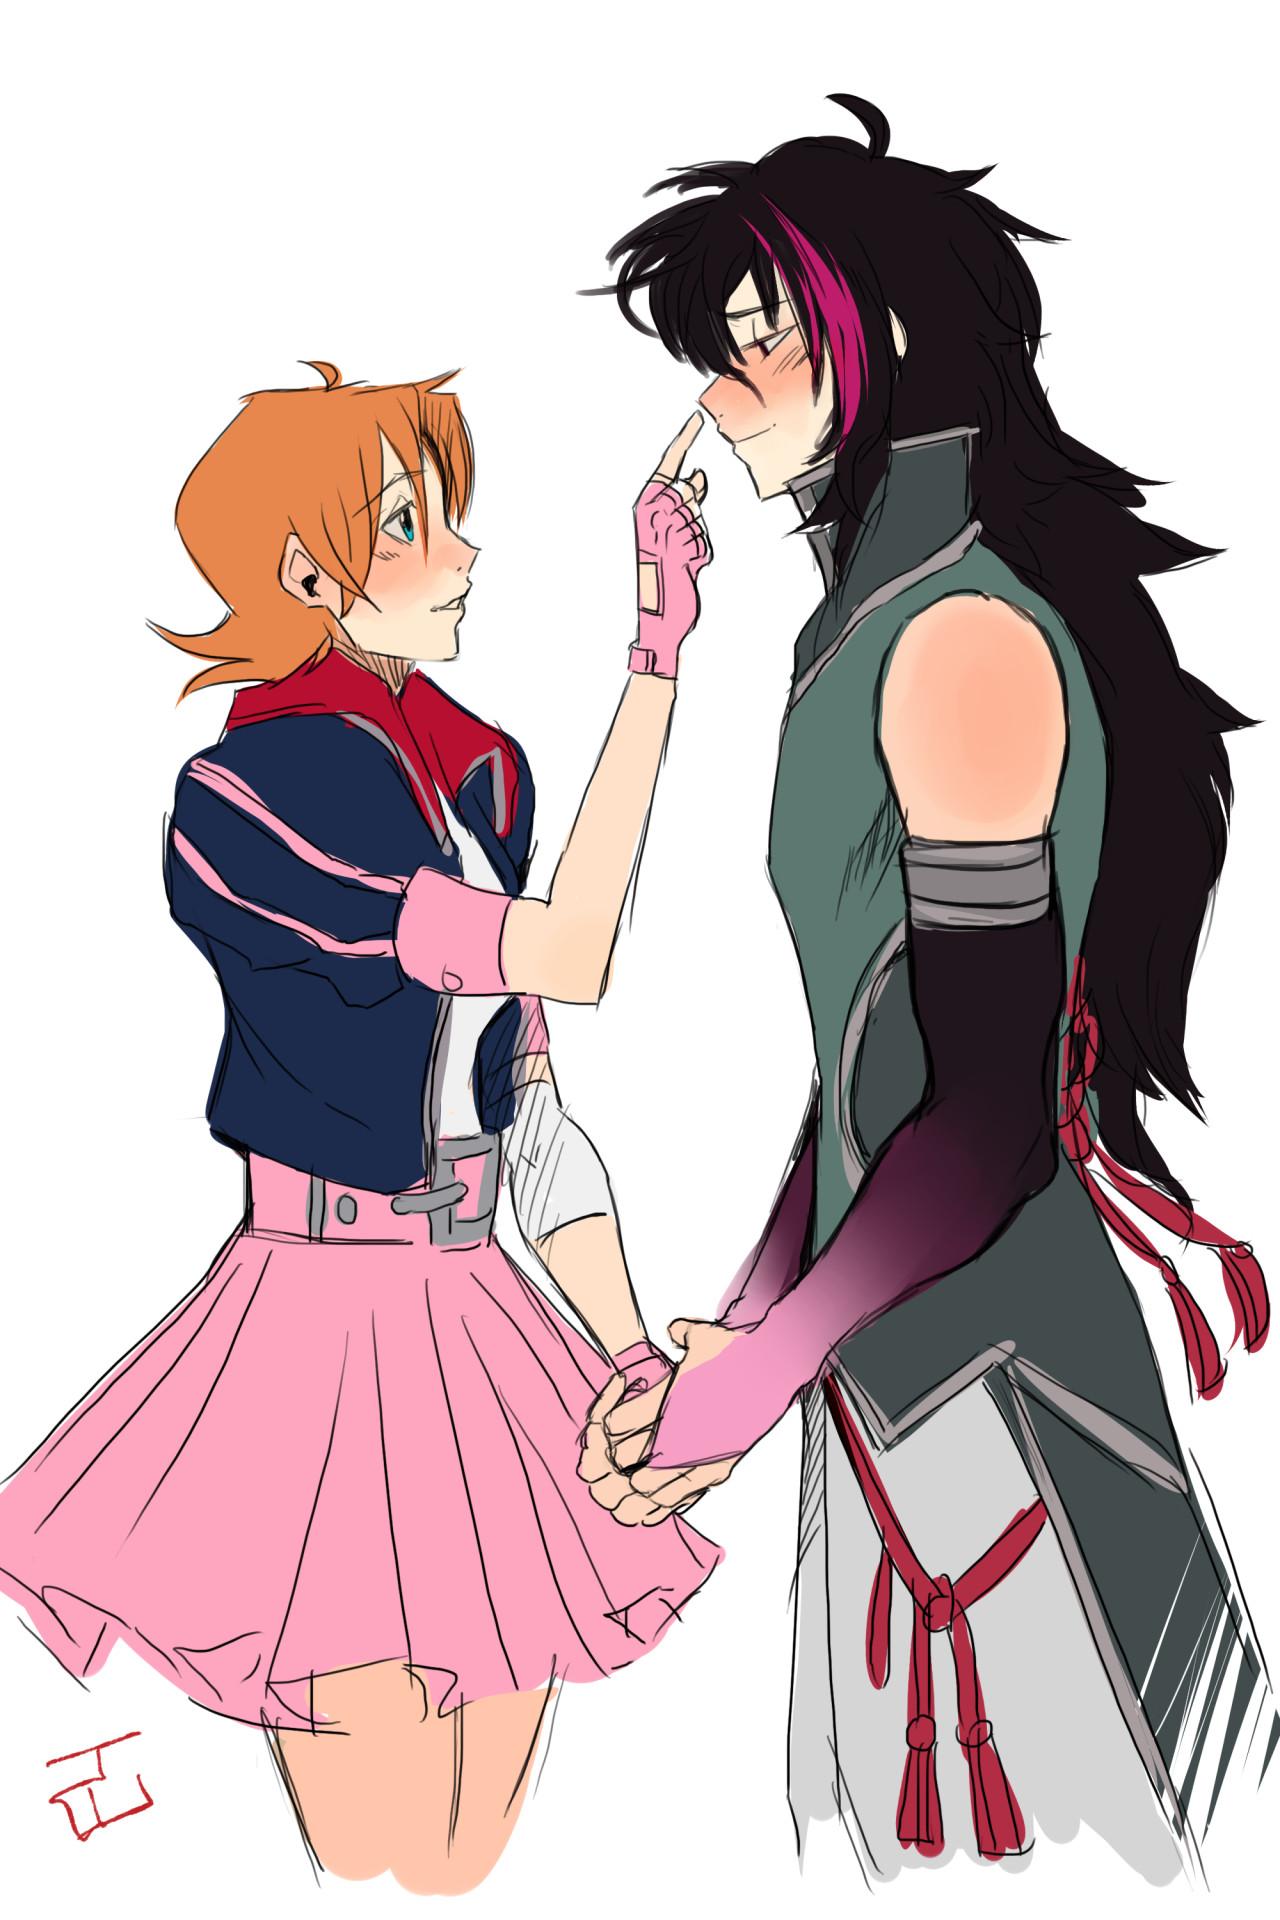 Nora and Ren!